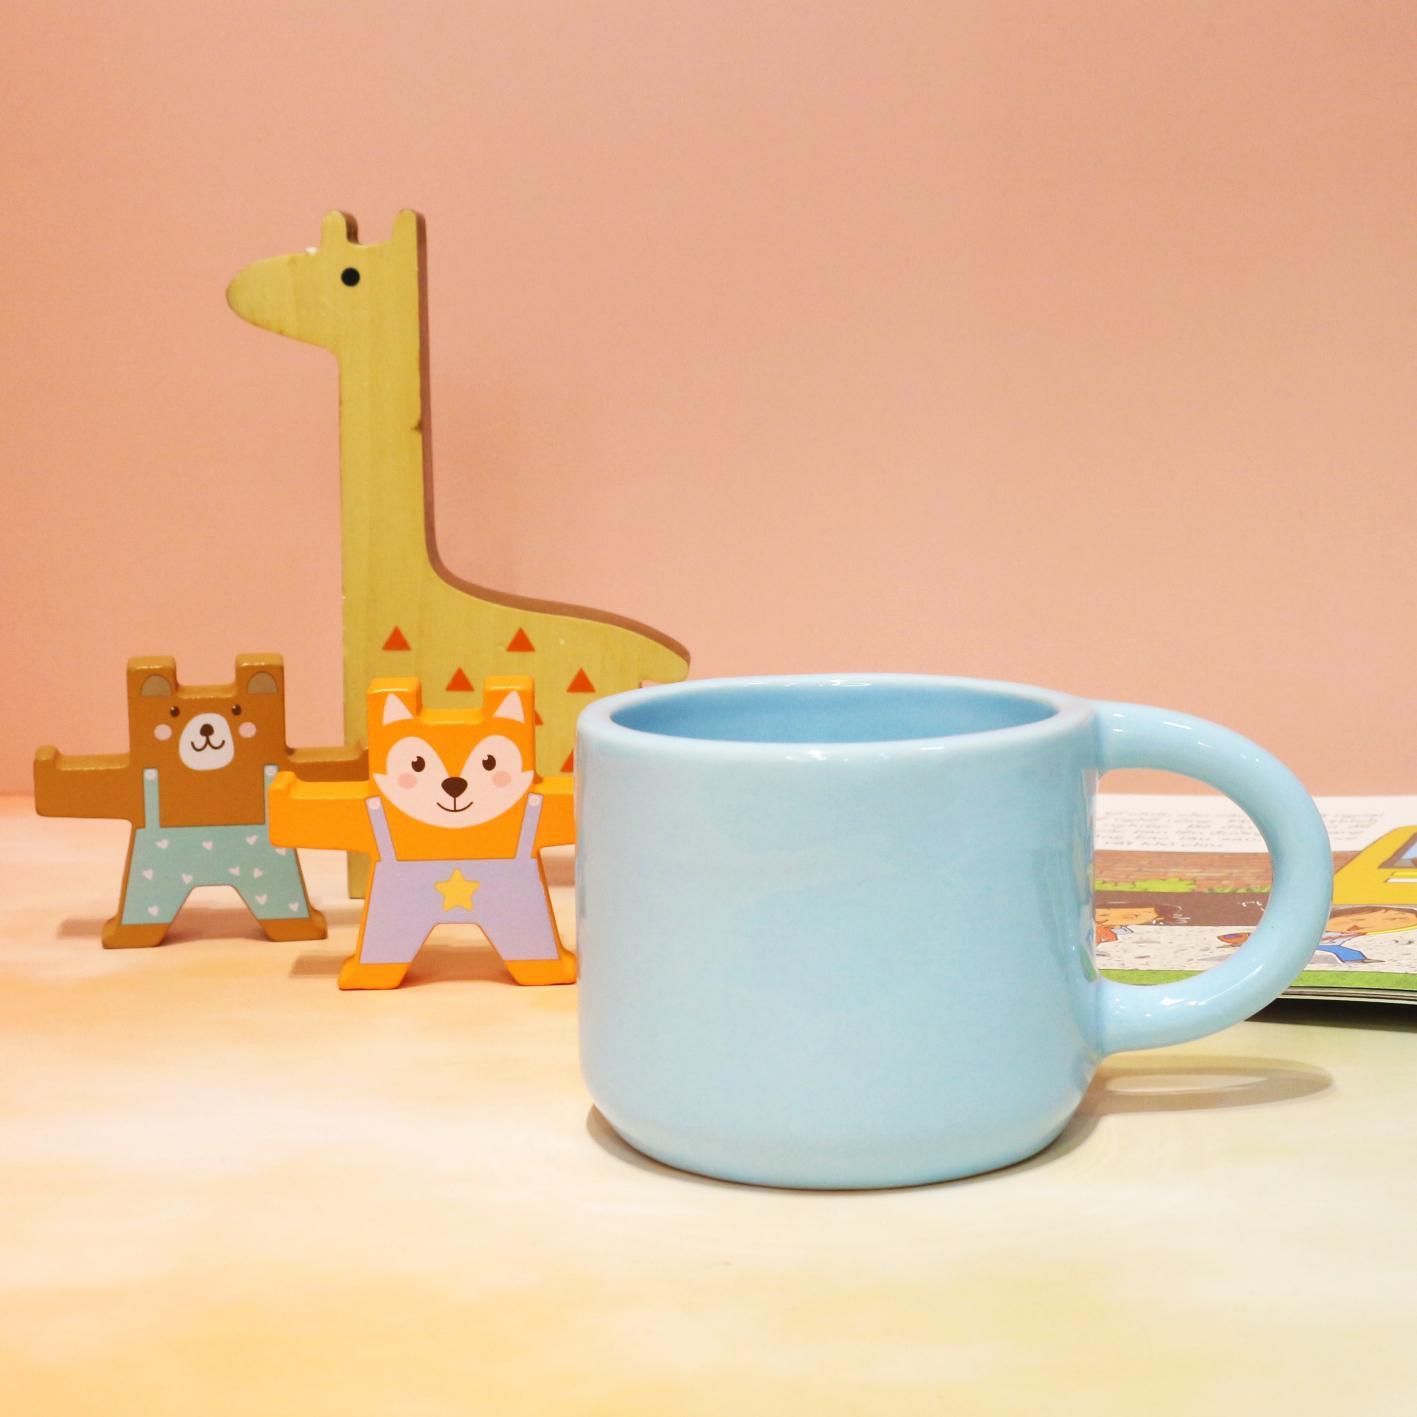 Ly gốm / Cốc gốm thủ công màu pastel có quai - Pastel ceramic cup